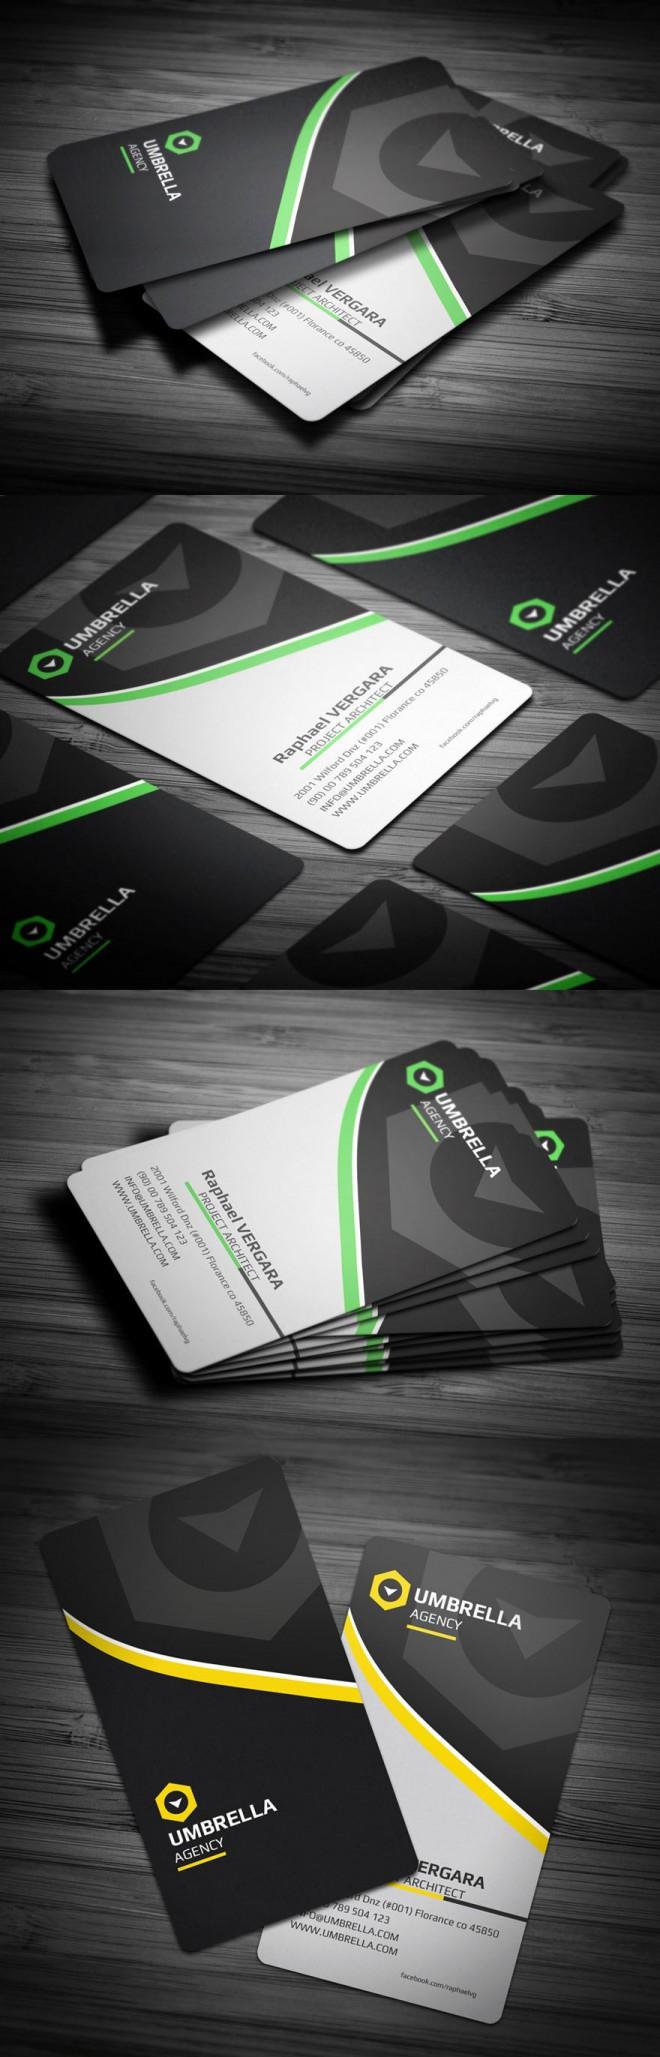 7-corporate-business-card-design